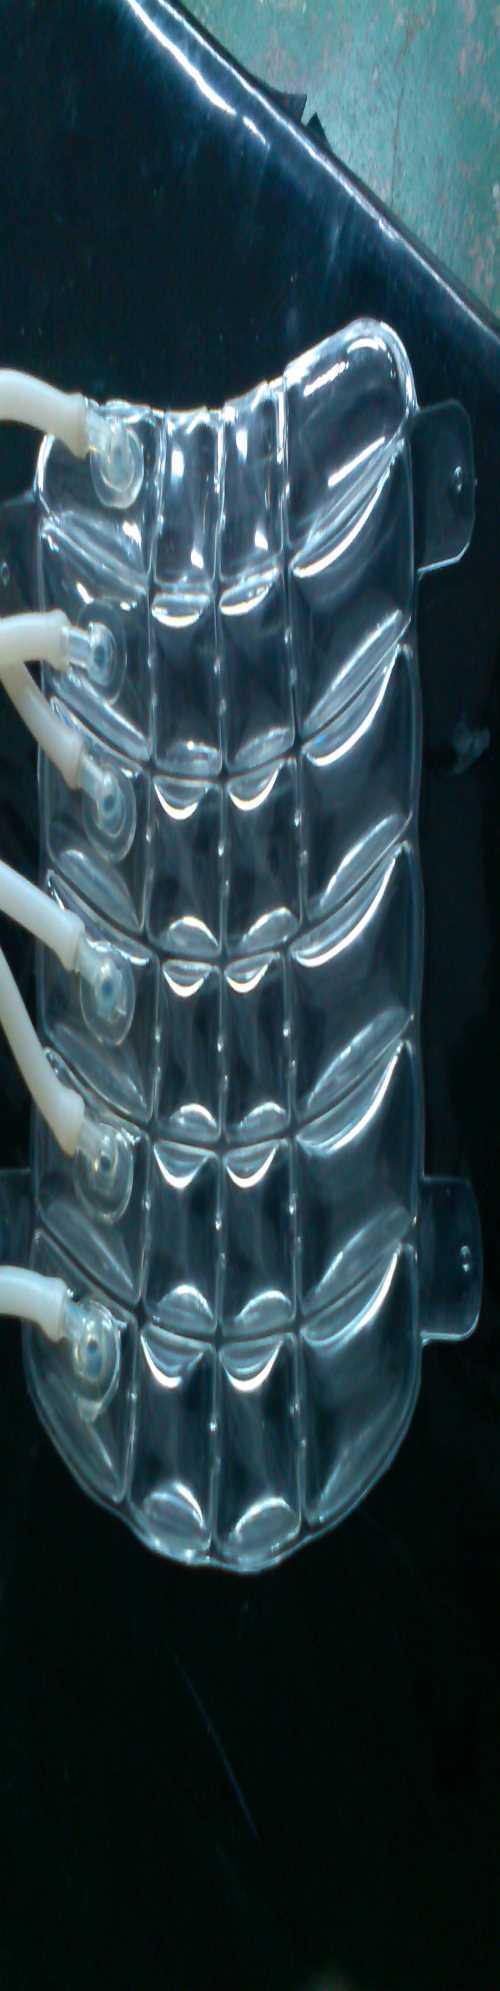 提供气囊_充气橡胶气囊相关-深圳市华坤塑胶制品有限公司